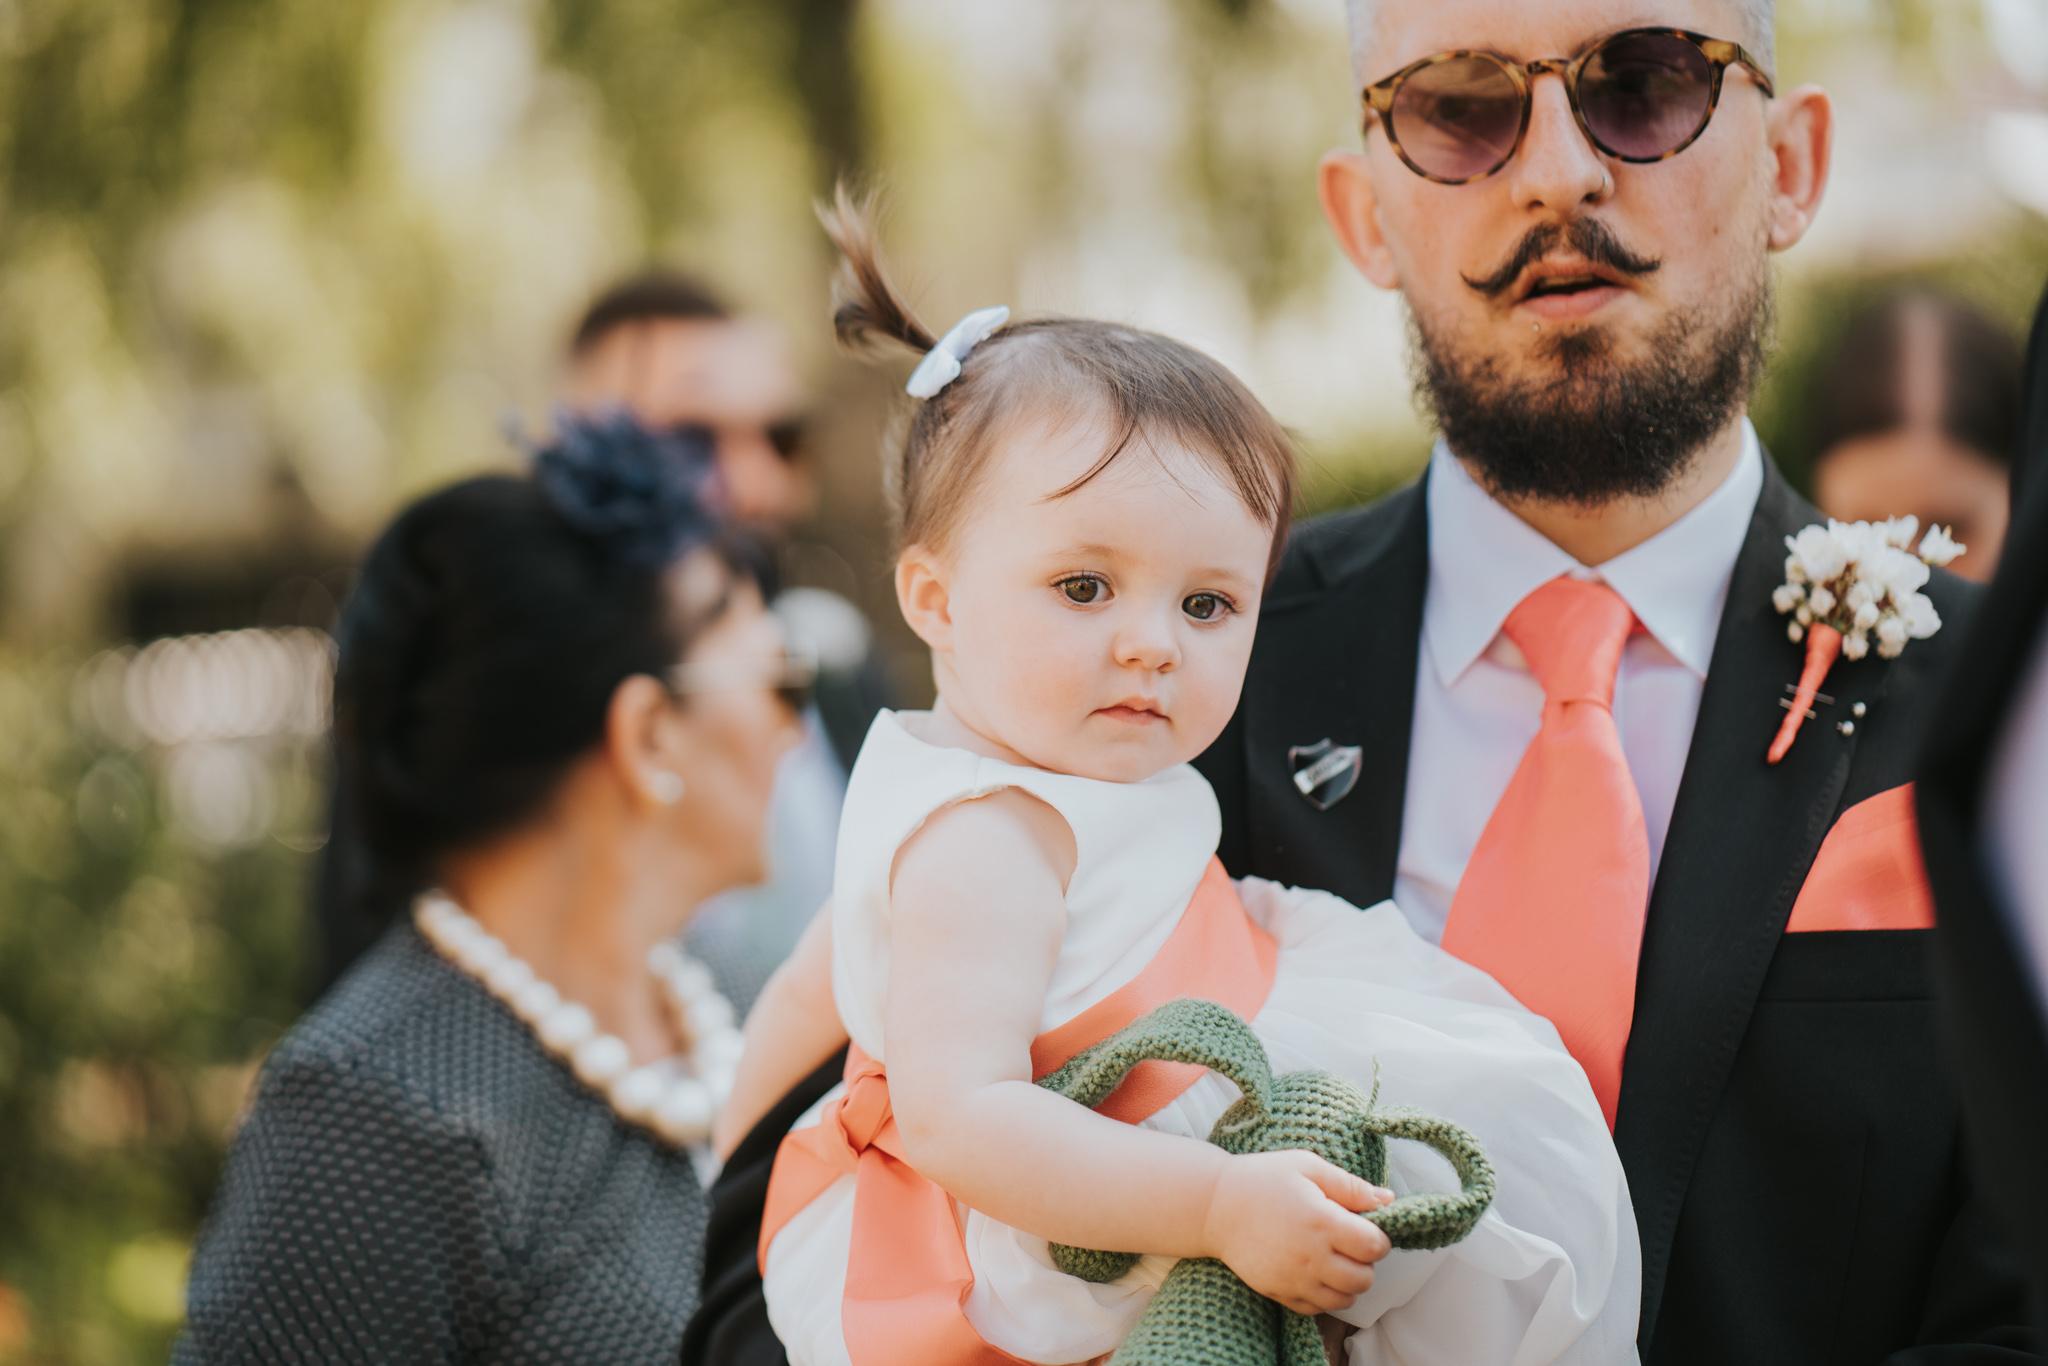 Joe-Tiffany-Colchester-Castle-Wedding-Essex-Grace-Elizabeth-Colchester-Essex-Alternative-Wedding-Photographer-Suffolk-Norfolk-Devon (41 of 122).jpg